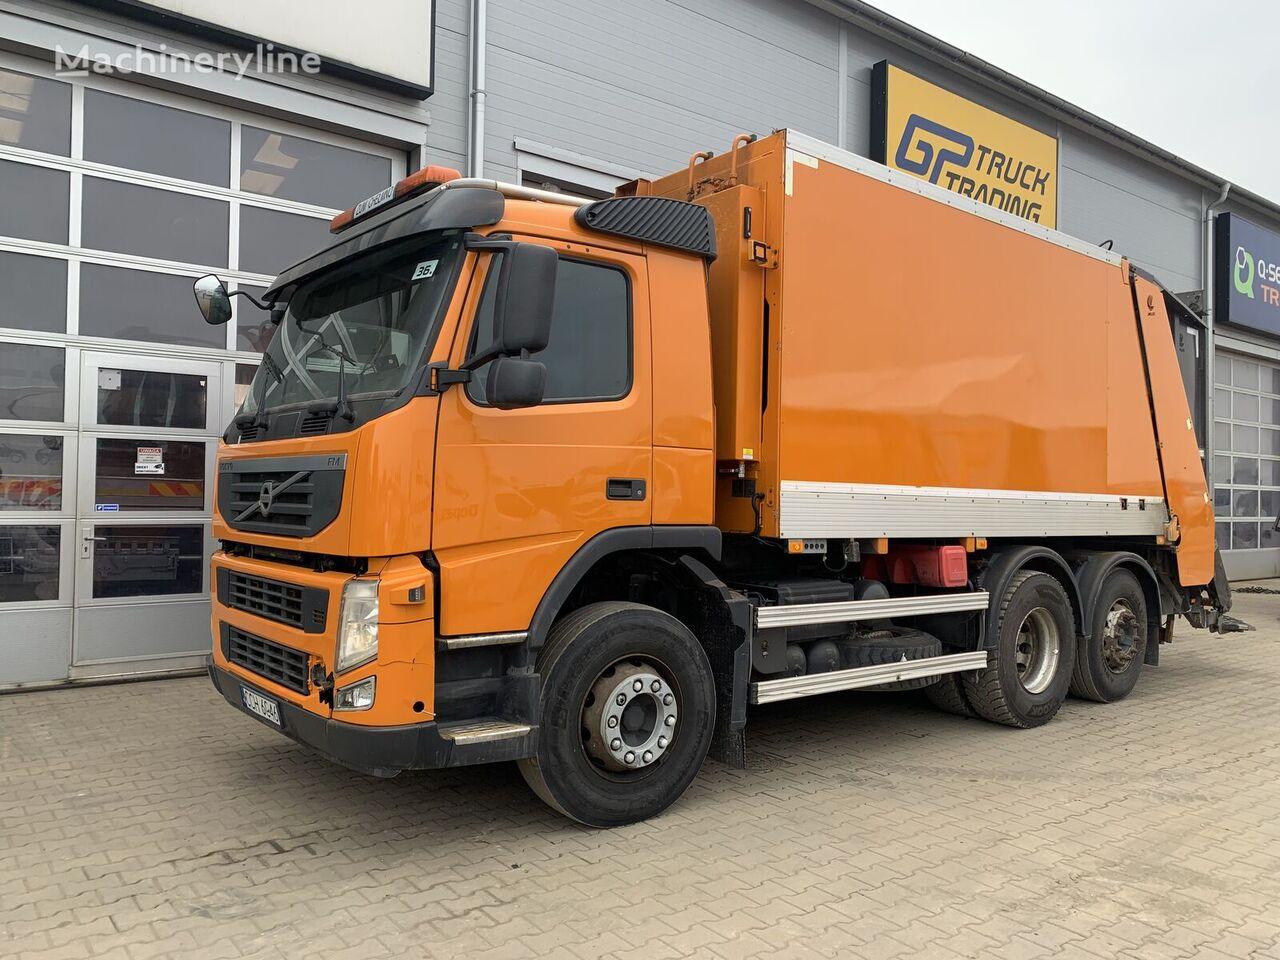 VOLVO FM330 garbage truck